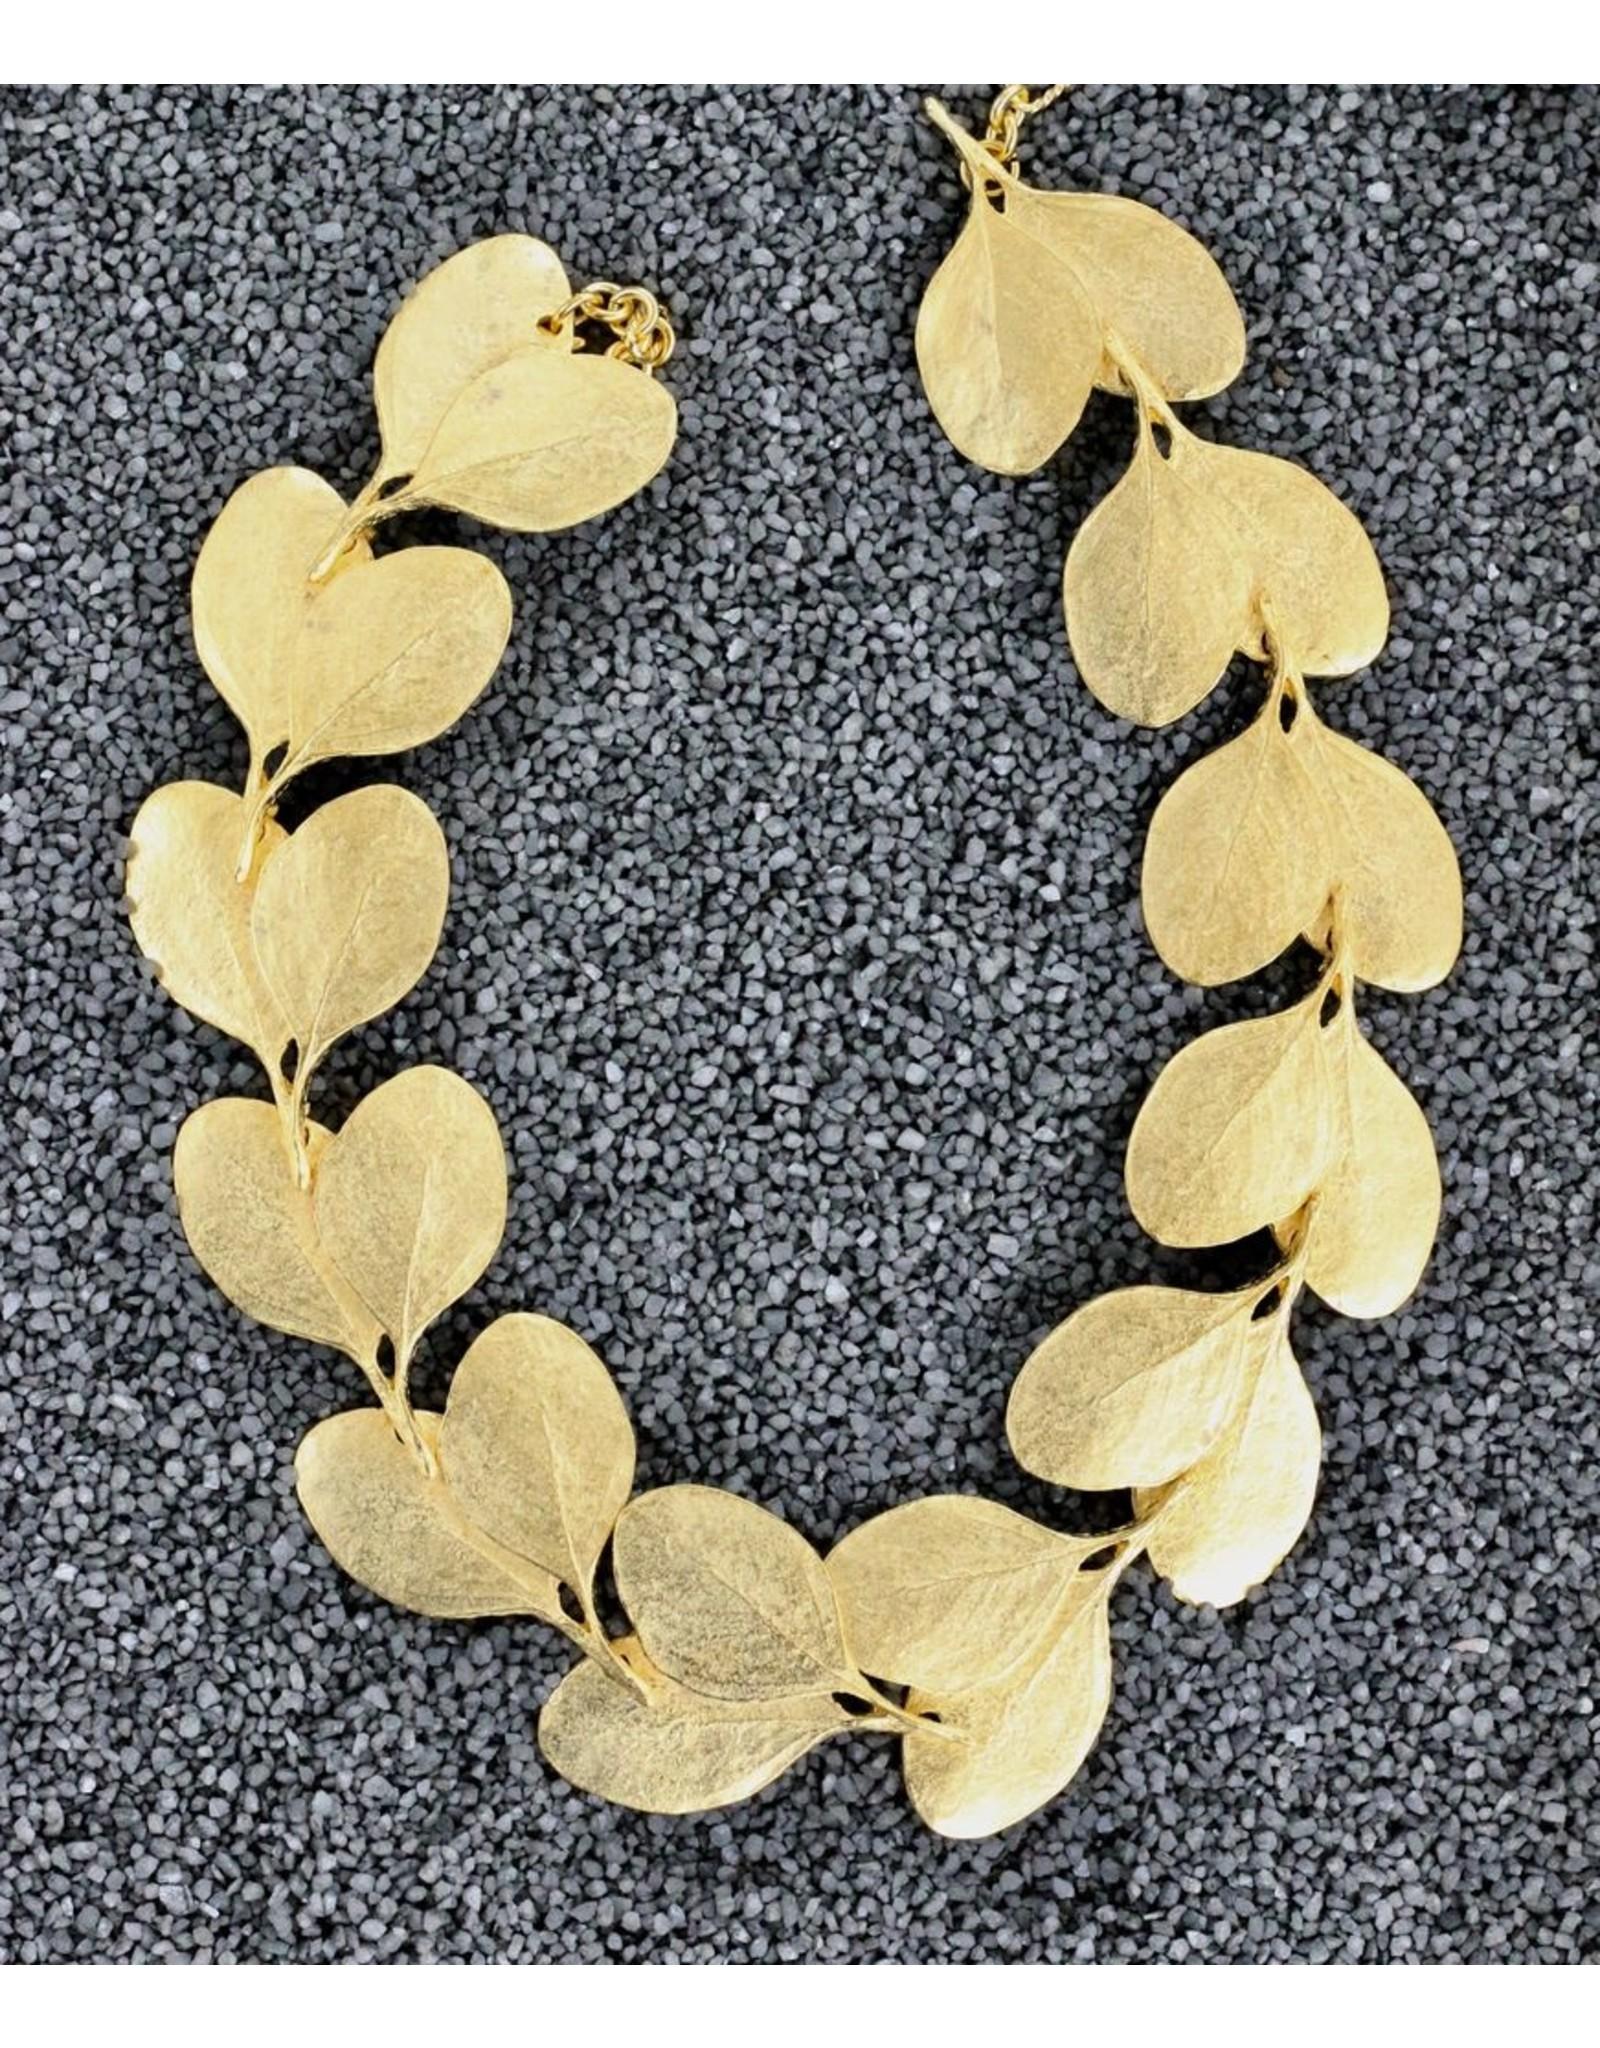 Kenneth Jay Lane KJLane: Gold Leaf Necklace